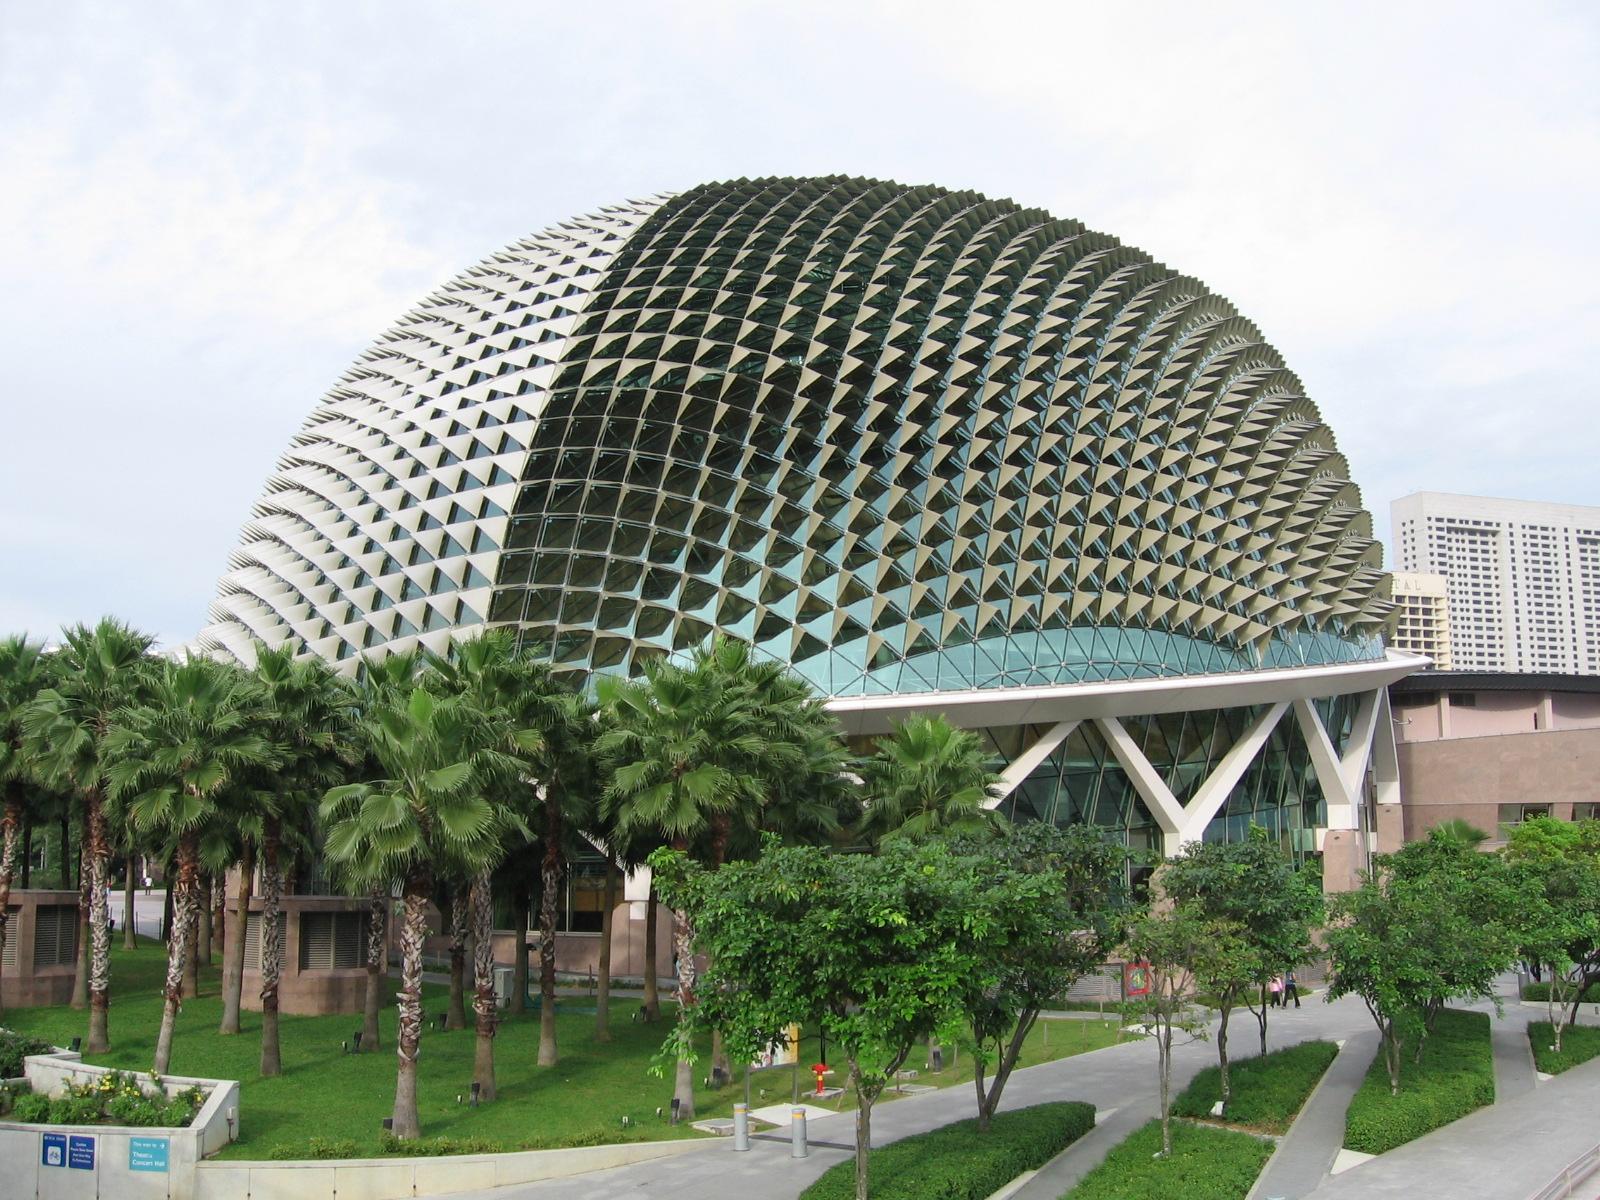 - La residence exotique fish house singapour ...